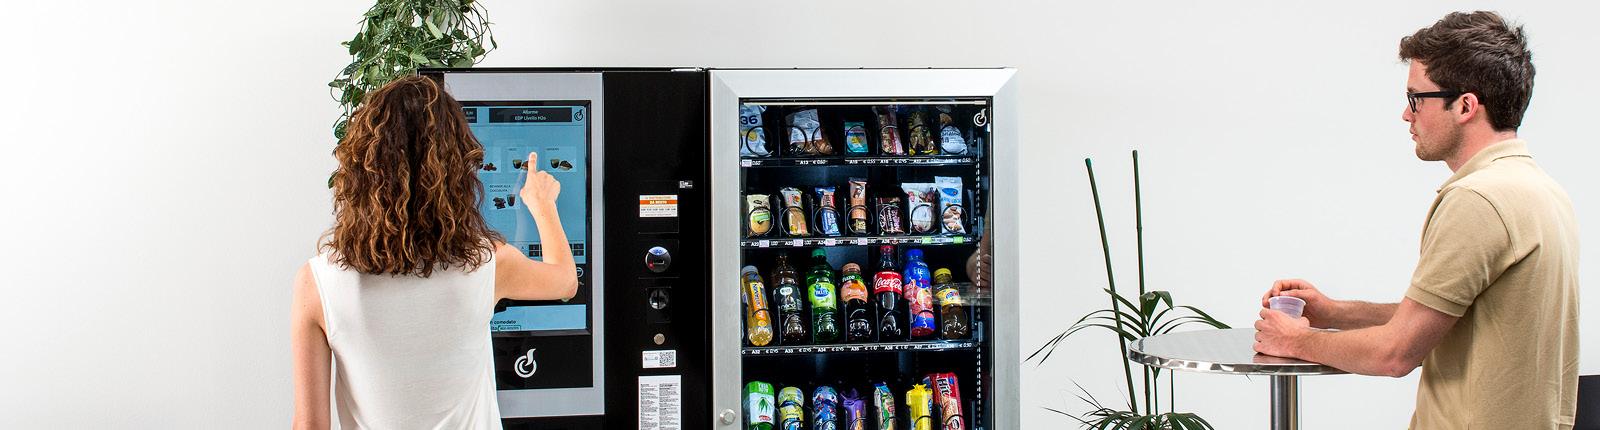 automatic-service-koffee-pause-bolzano5